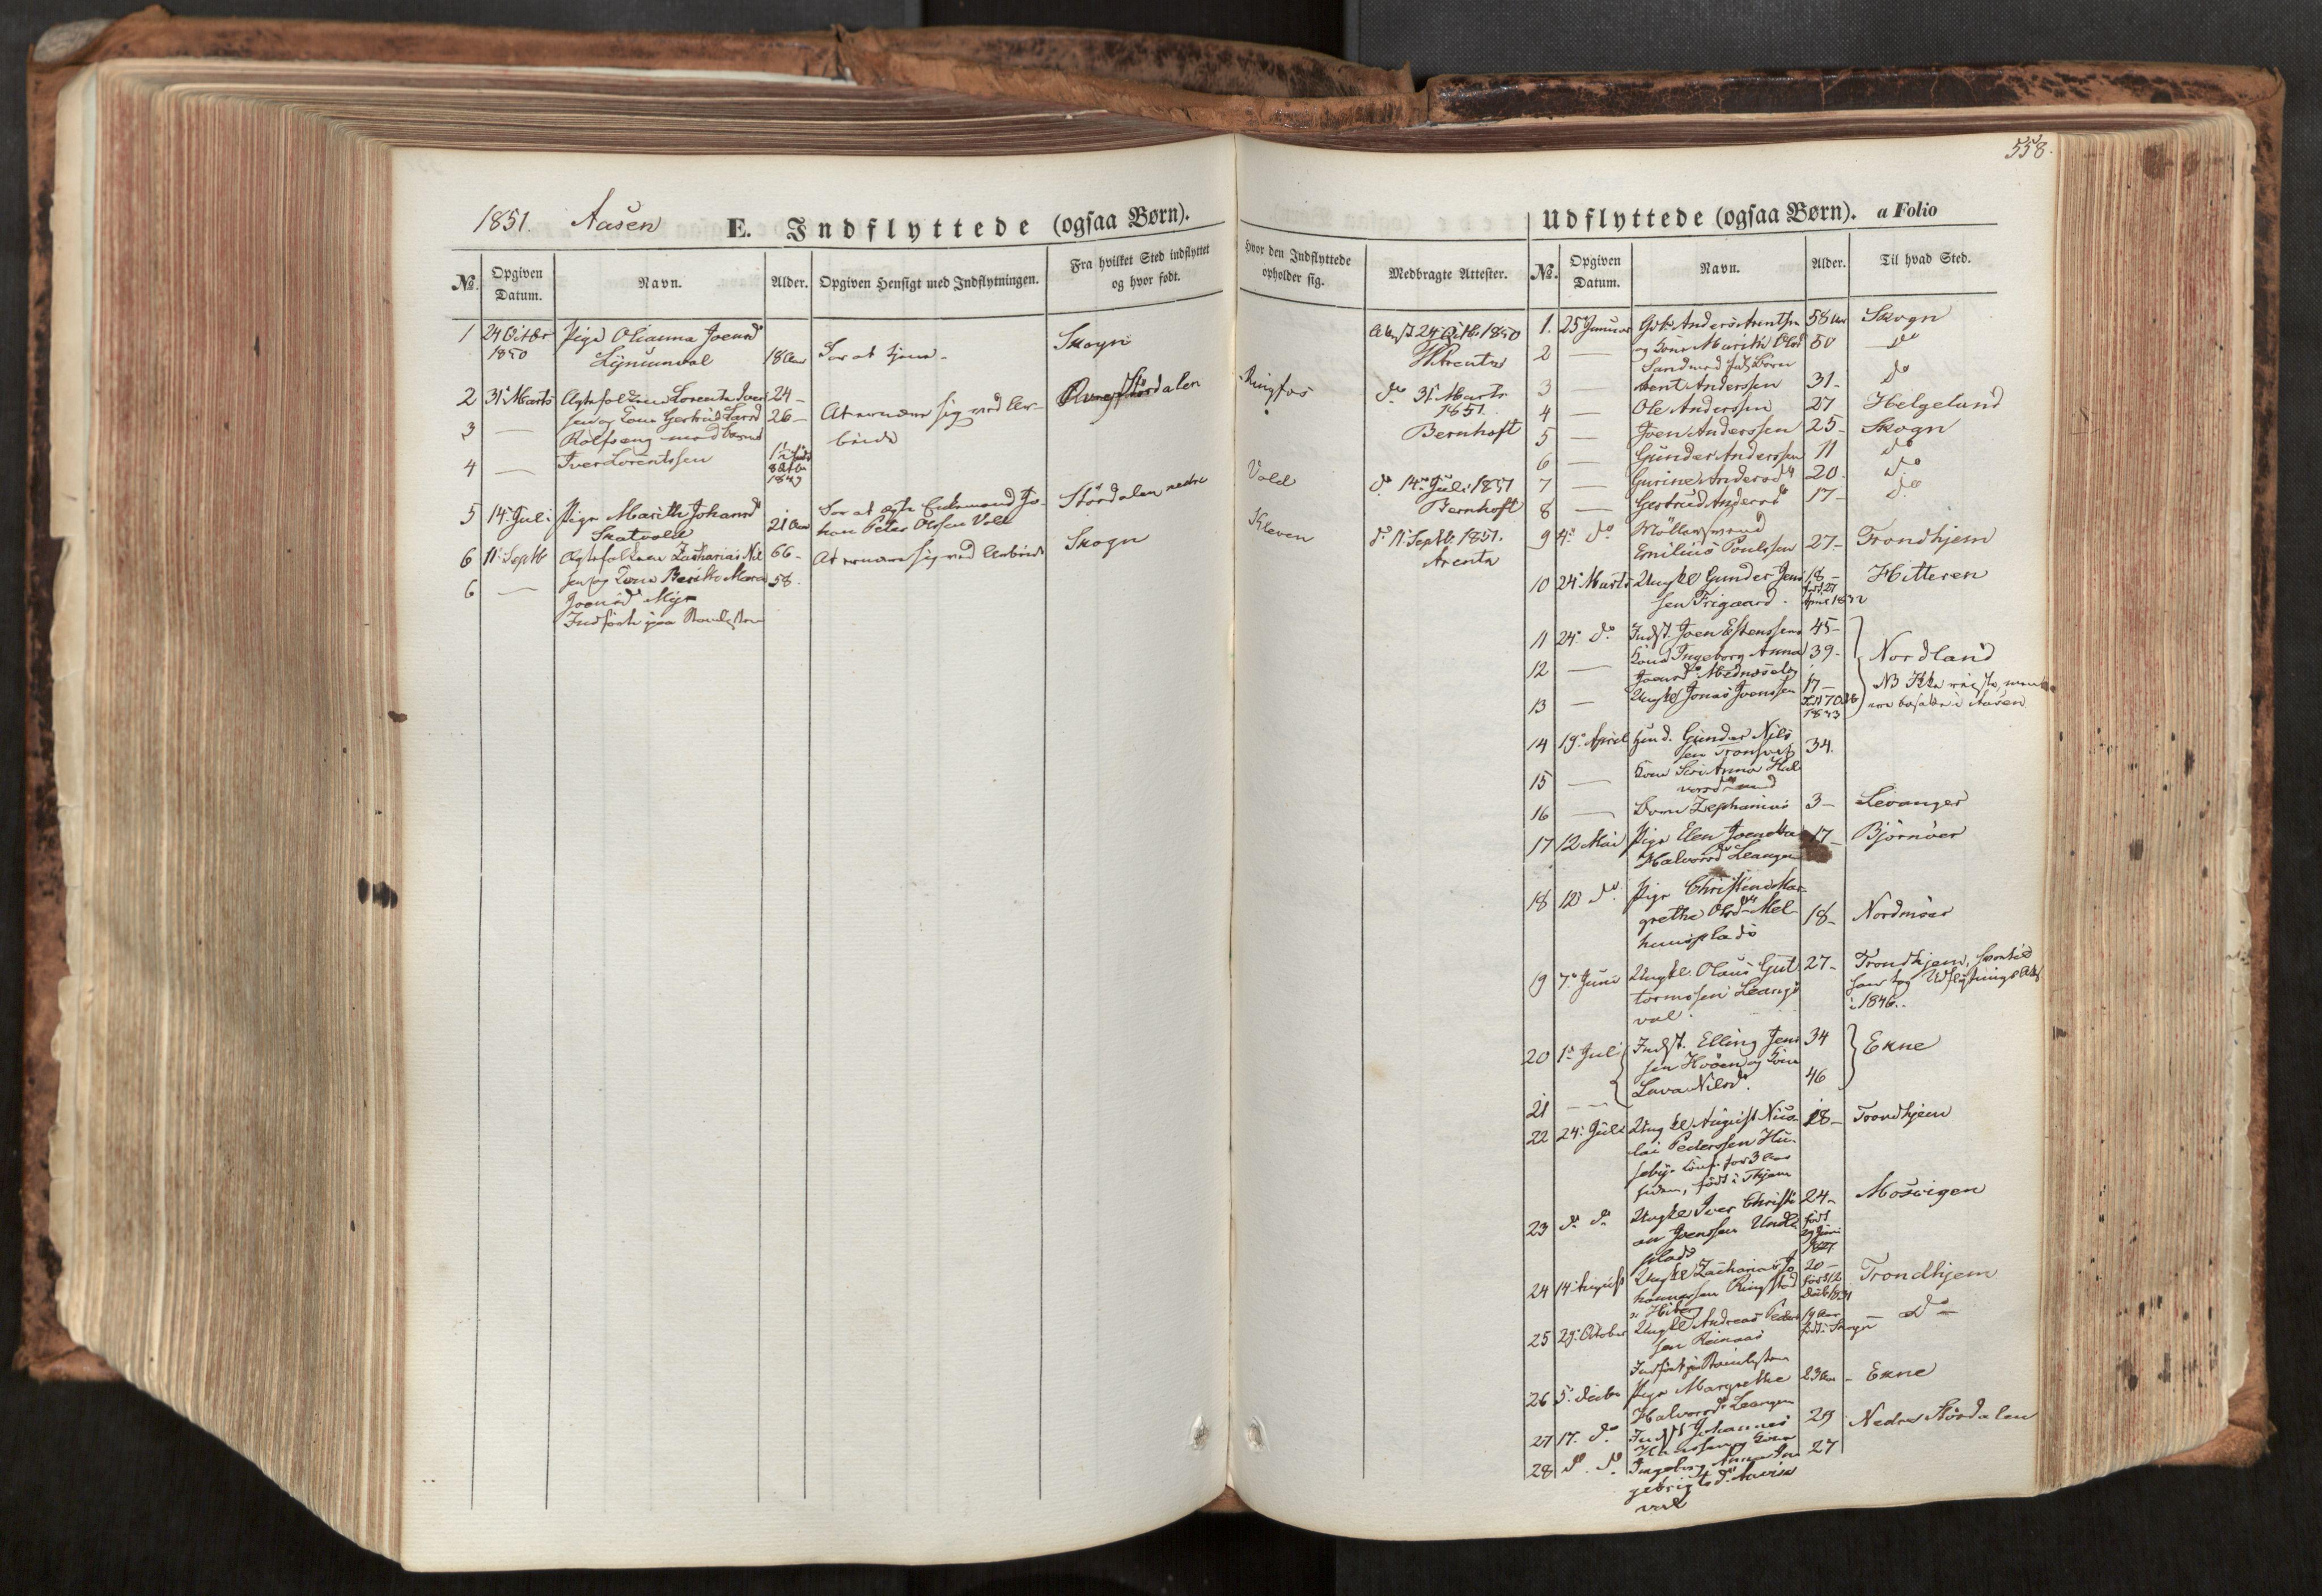 SAT, Ministerialprotokoller, klokkerbøker og fødselsregistre - Nord-Trøndelag, 713/L0116: Ministerialbok nr. 713A07, 1850-1877, s. 558